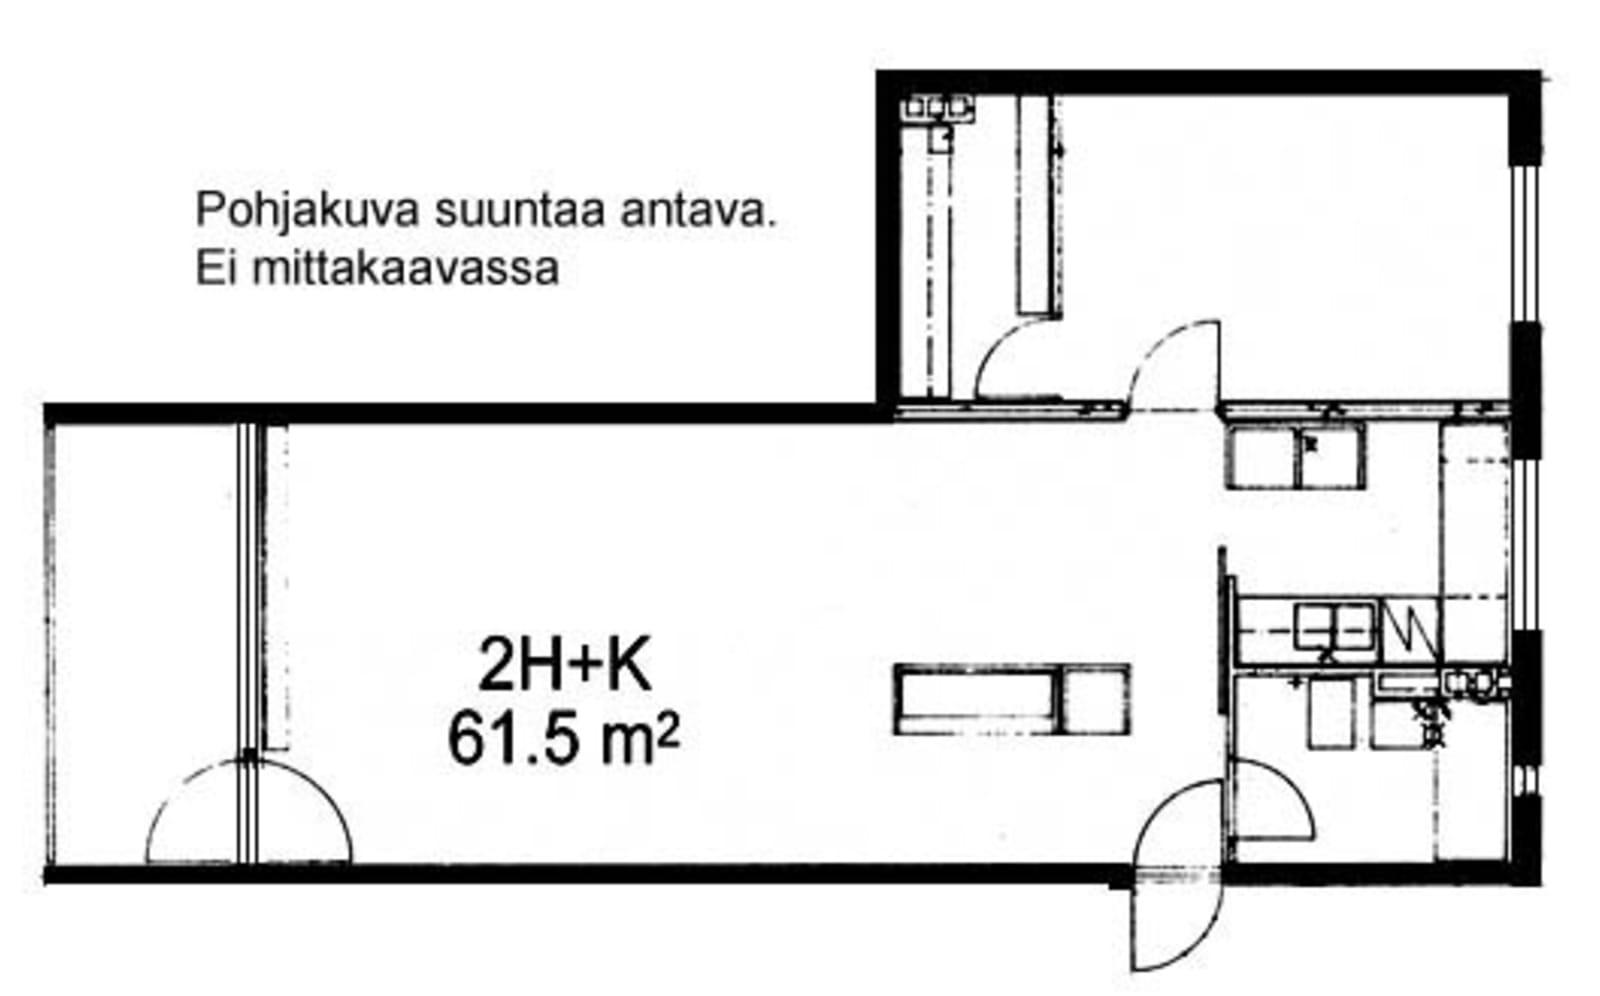 Oulu, Kaukovainio, Tuulihaukantie 9 B 012